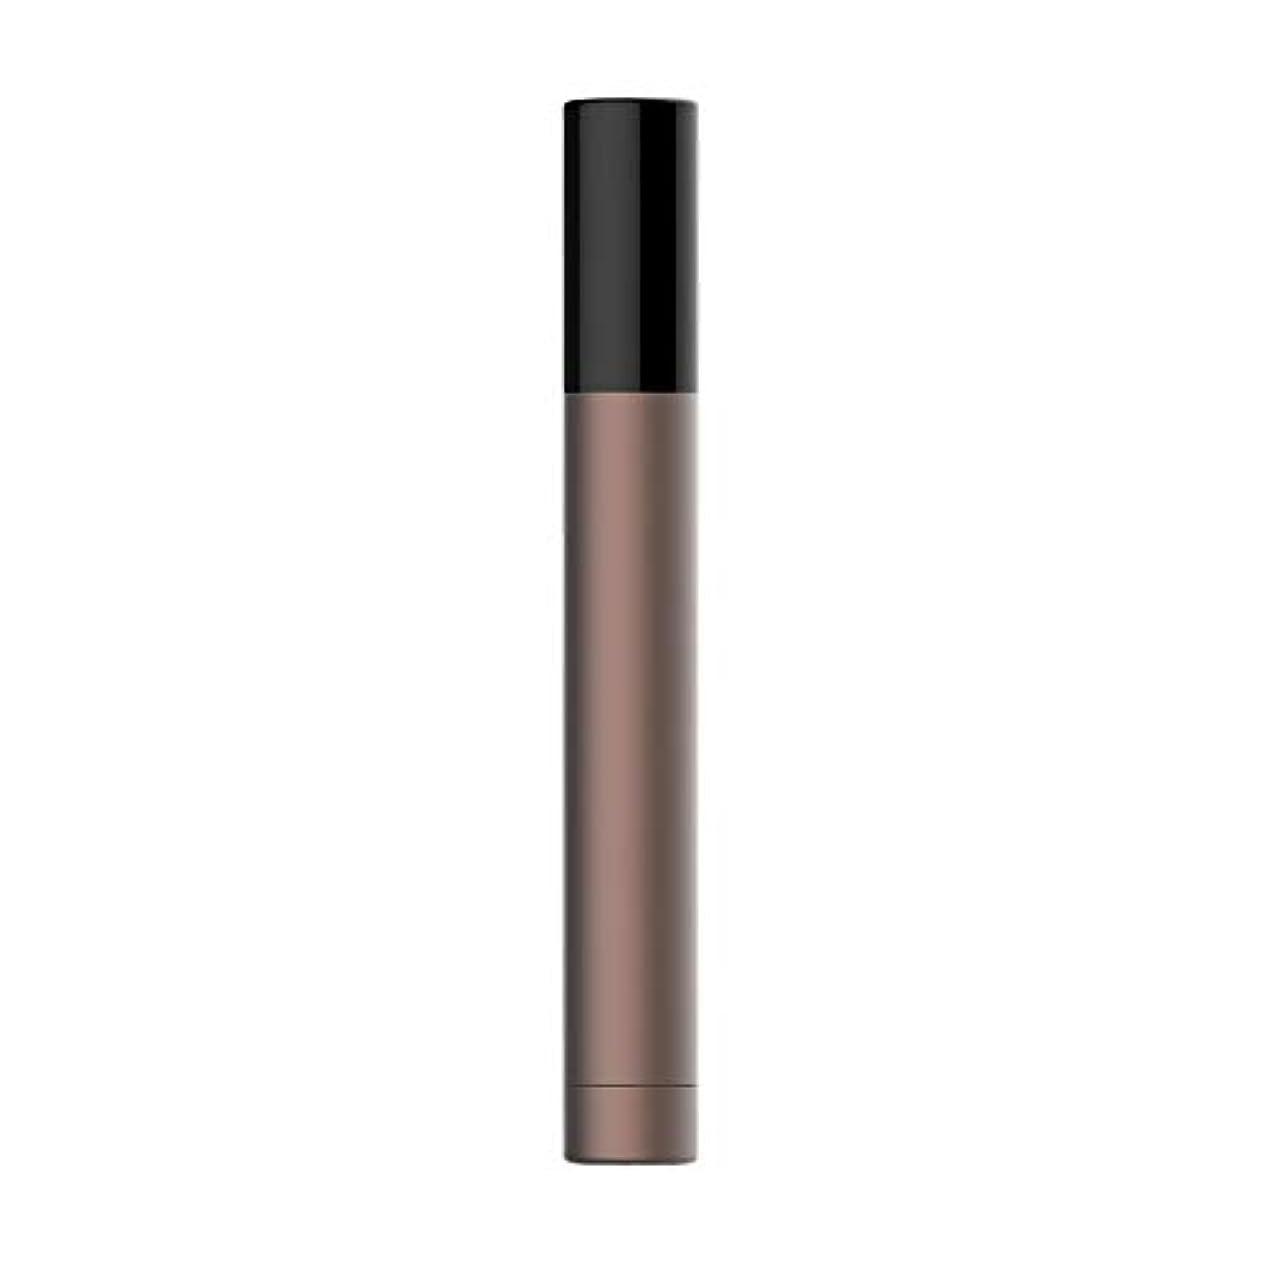 鼻毛トリマー-密閉防水効果/シングルカッターヘッドシャープで耐久性のある/男性用剃毛鼻毛はさみ/ポータブルデザイン、旅行に便利/ 12.9 * 1.65cm 操作が簡単